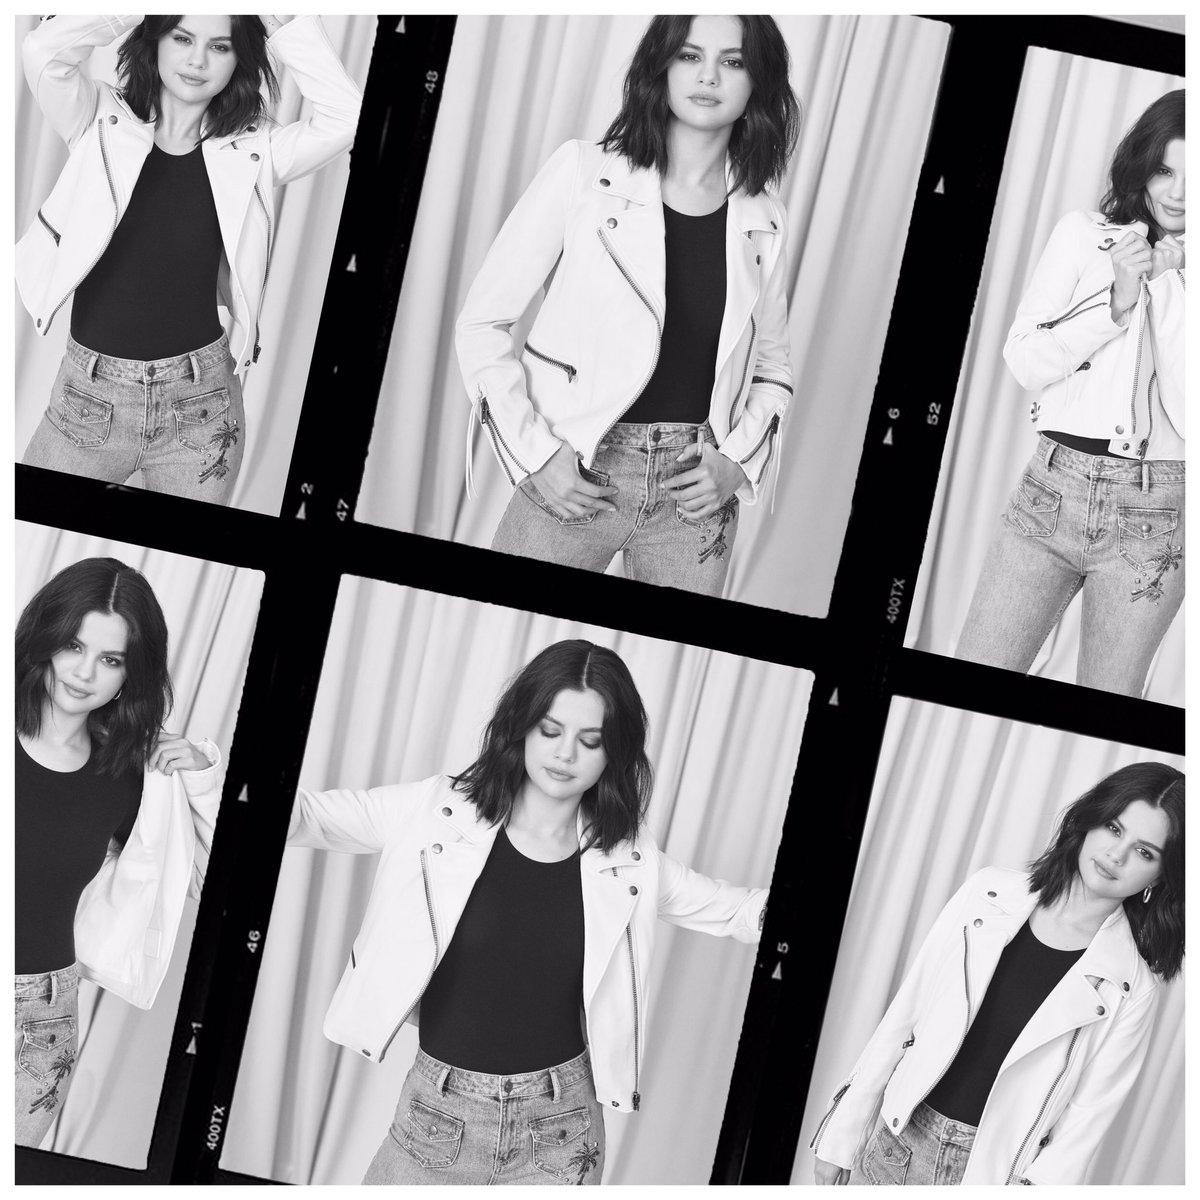 Selena Snaps. #SelenaGomez #CoachNY